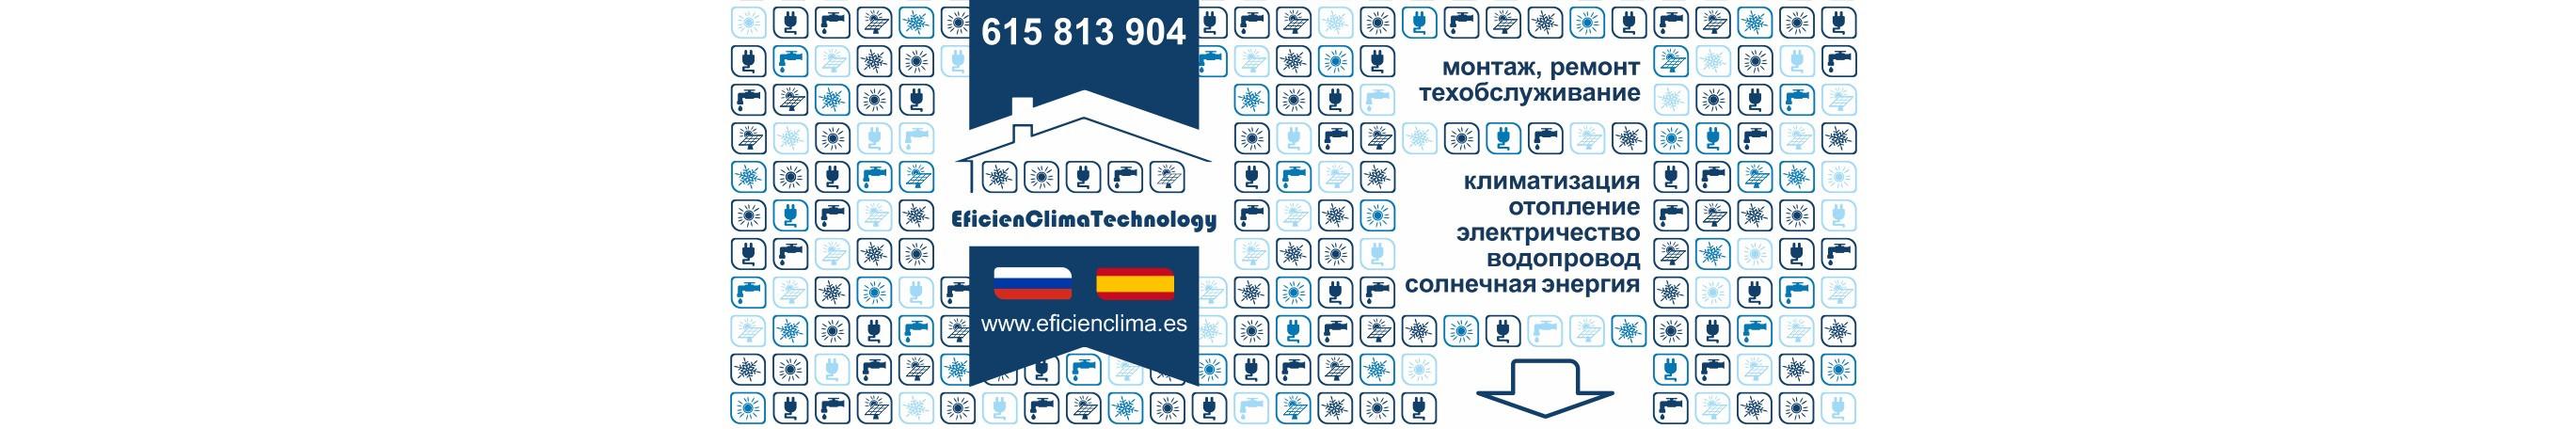 Eficien Сlima - Инженерные коммуникации